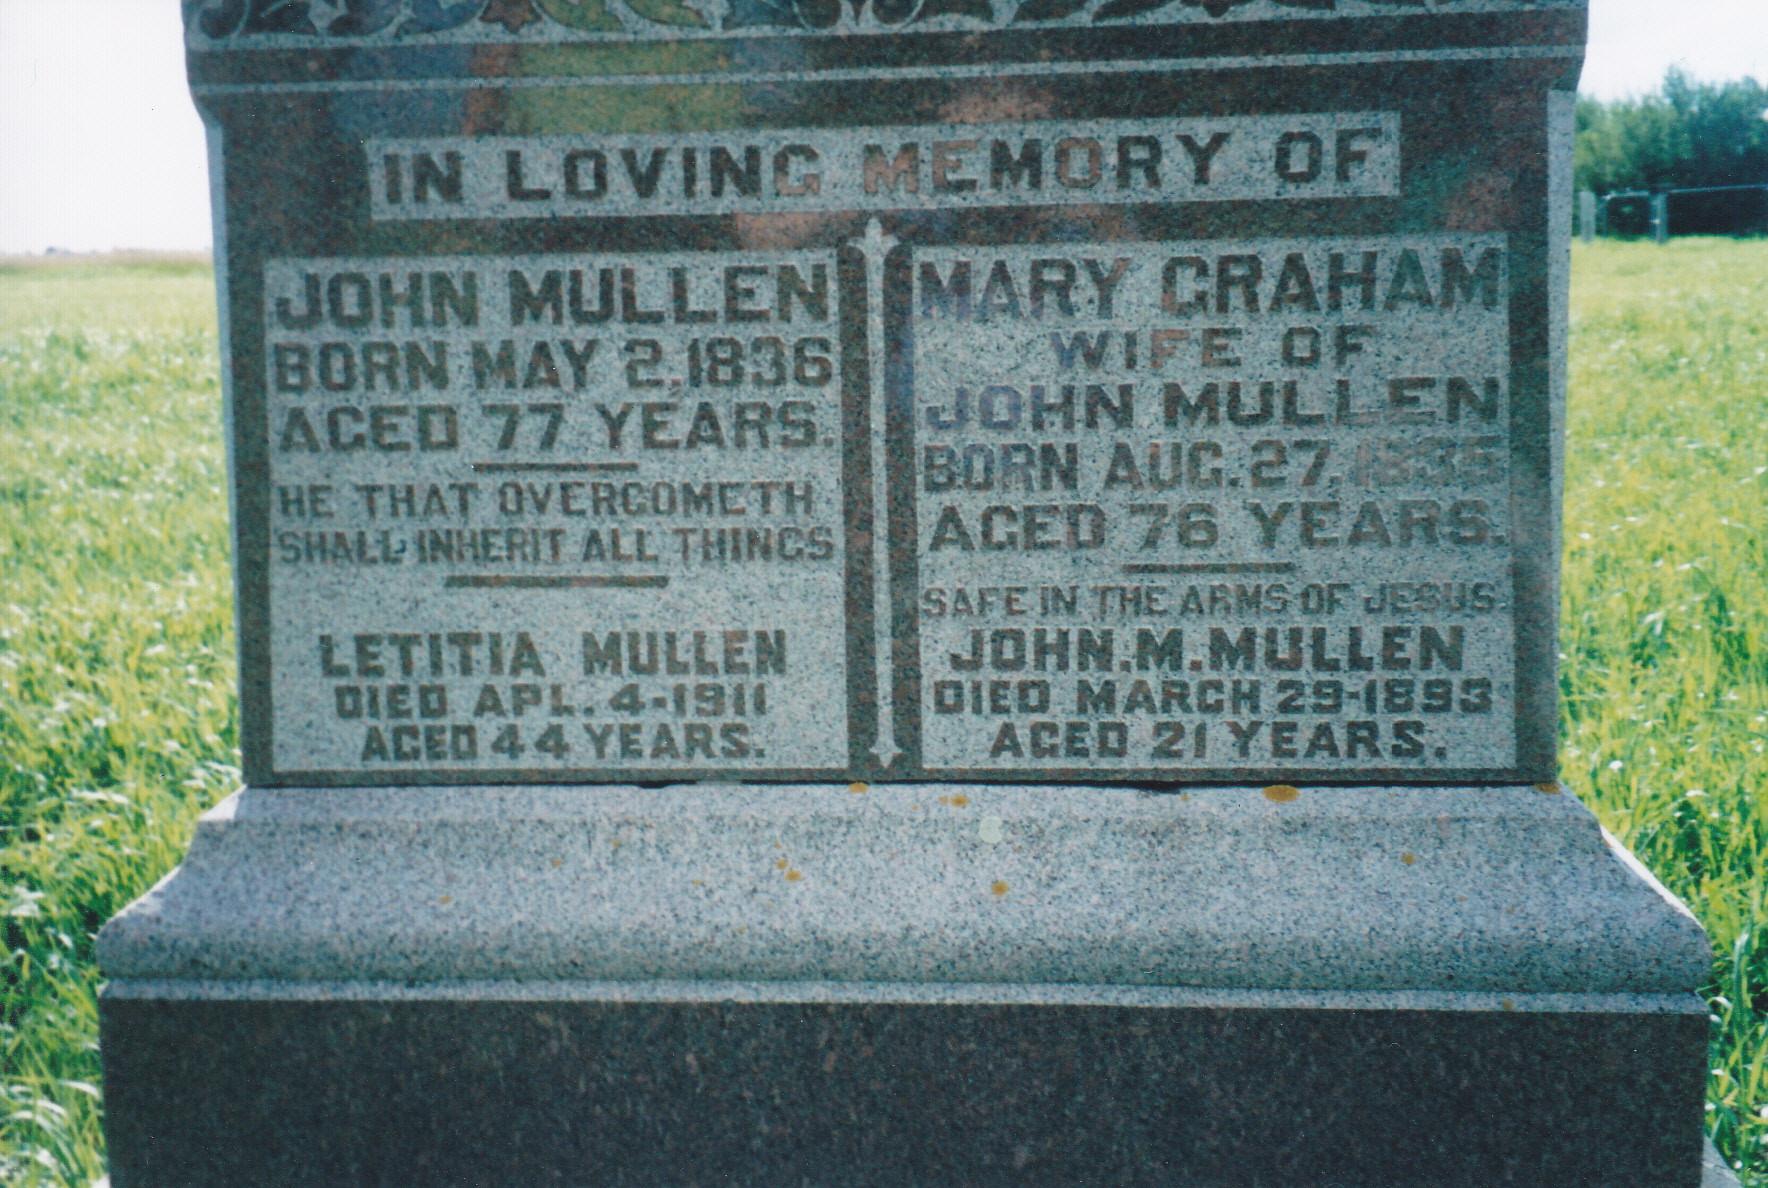 John M. Mullen